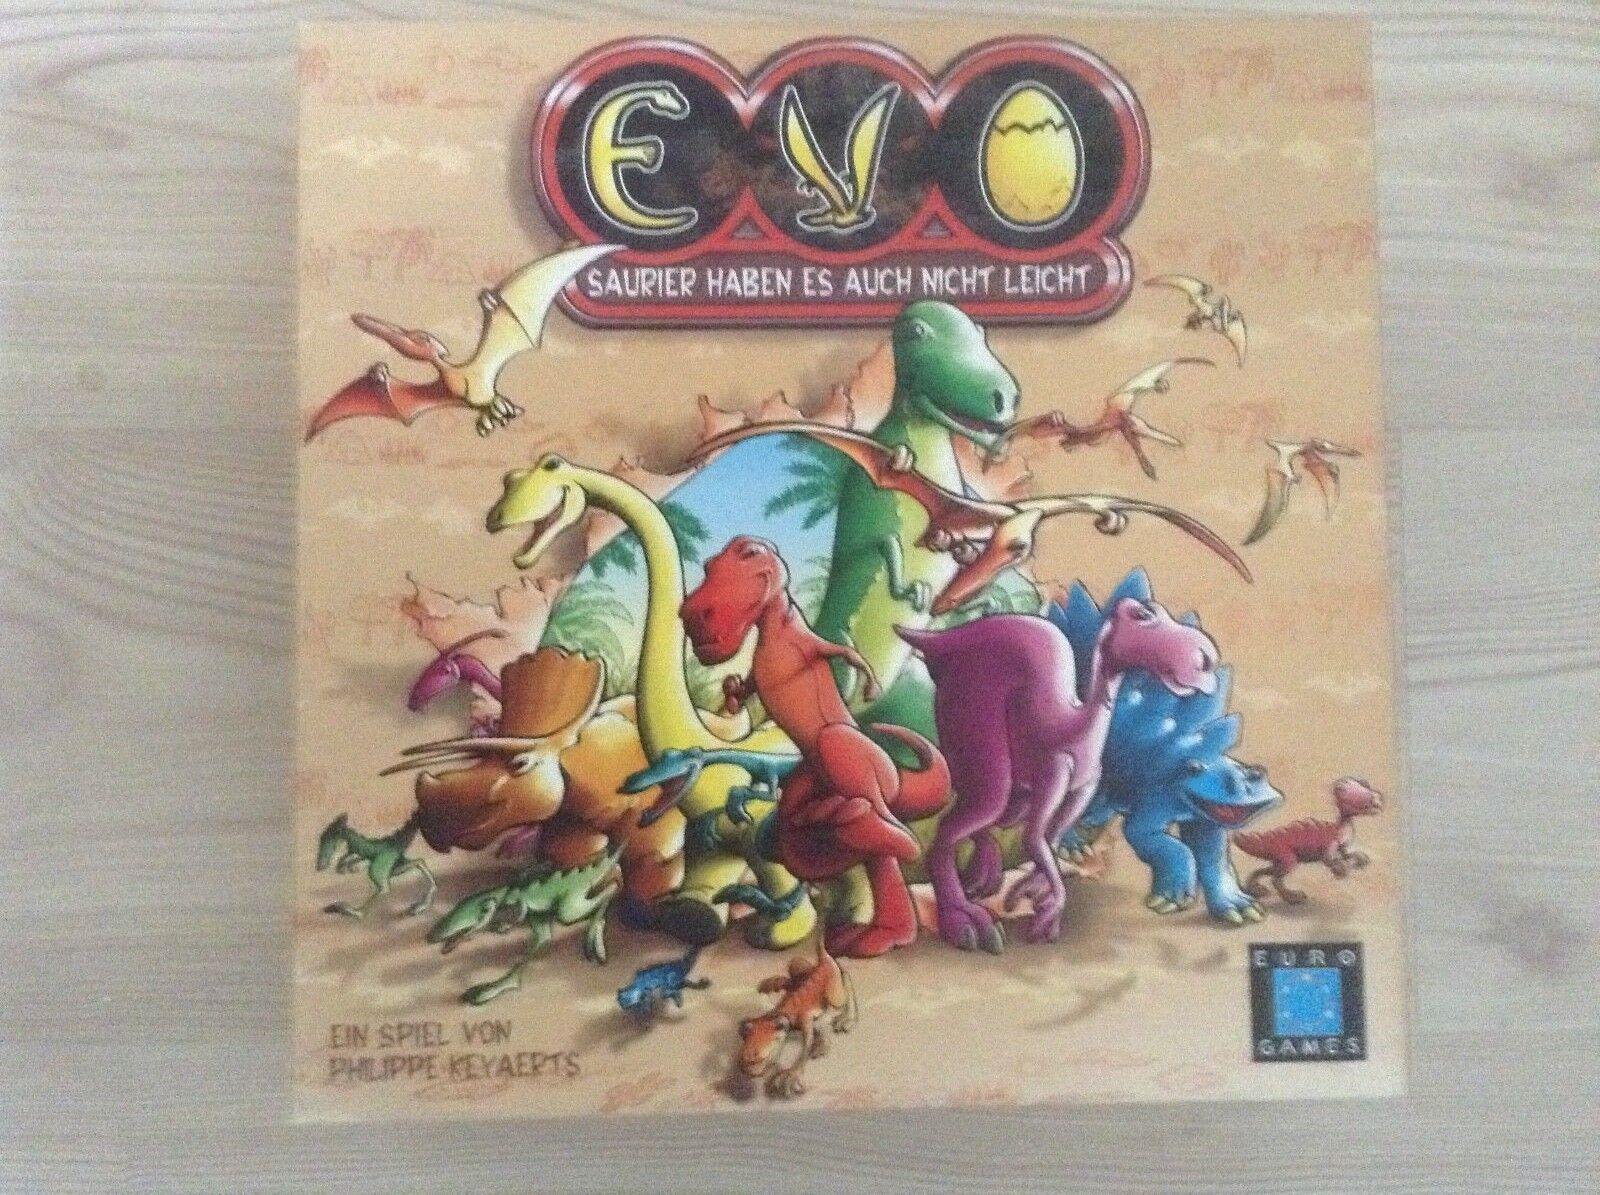 EVO - Euro Games - Saurier haben es auch auch auch nicht leicht - Philippe Keyaerts bd0d5b